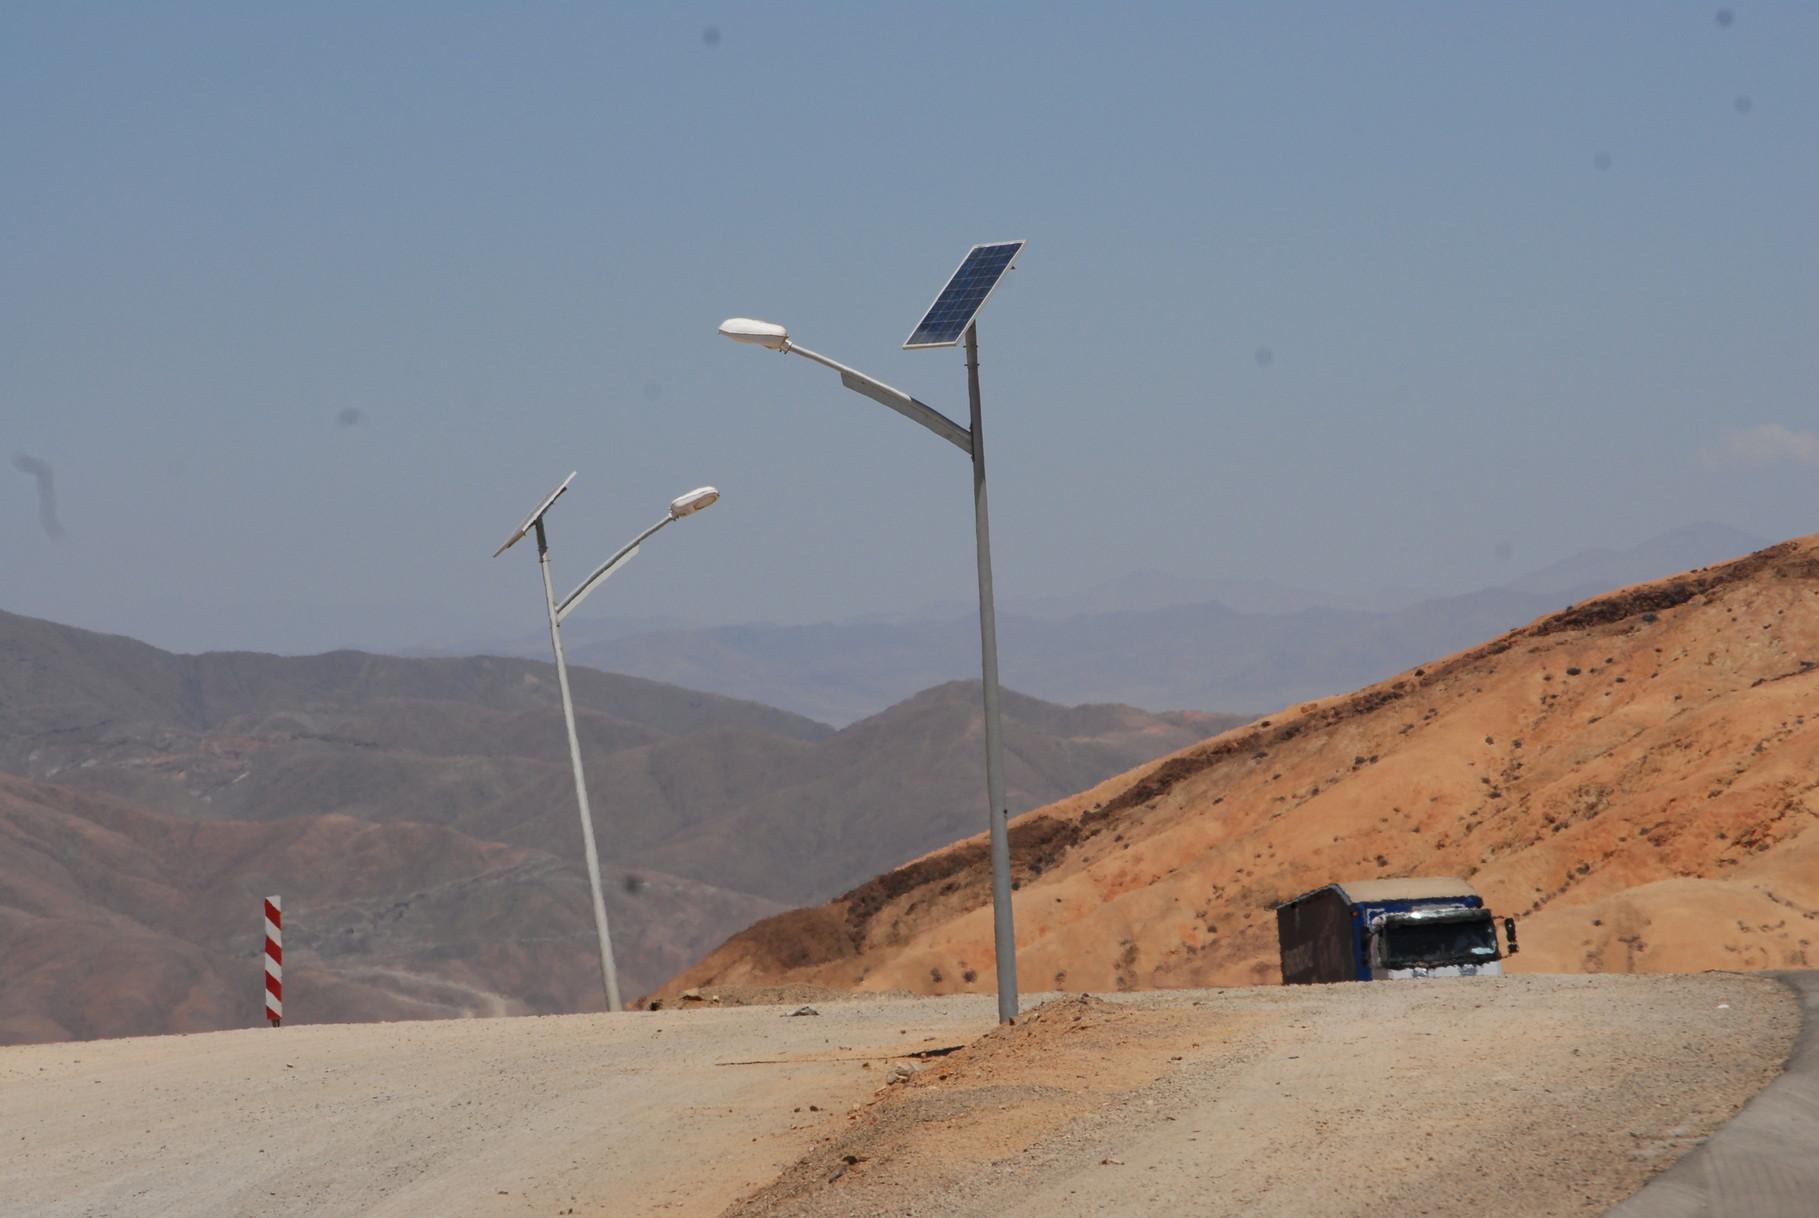 Solarlampen in der Wüste